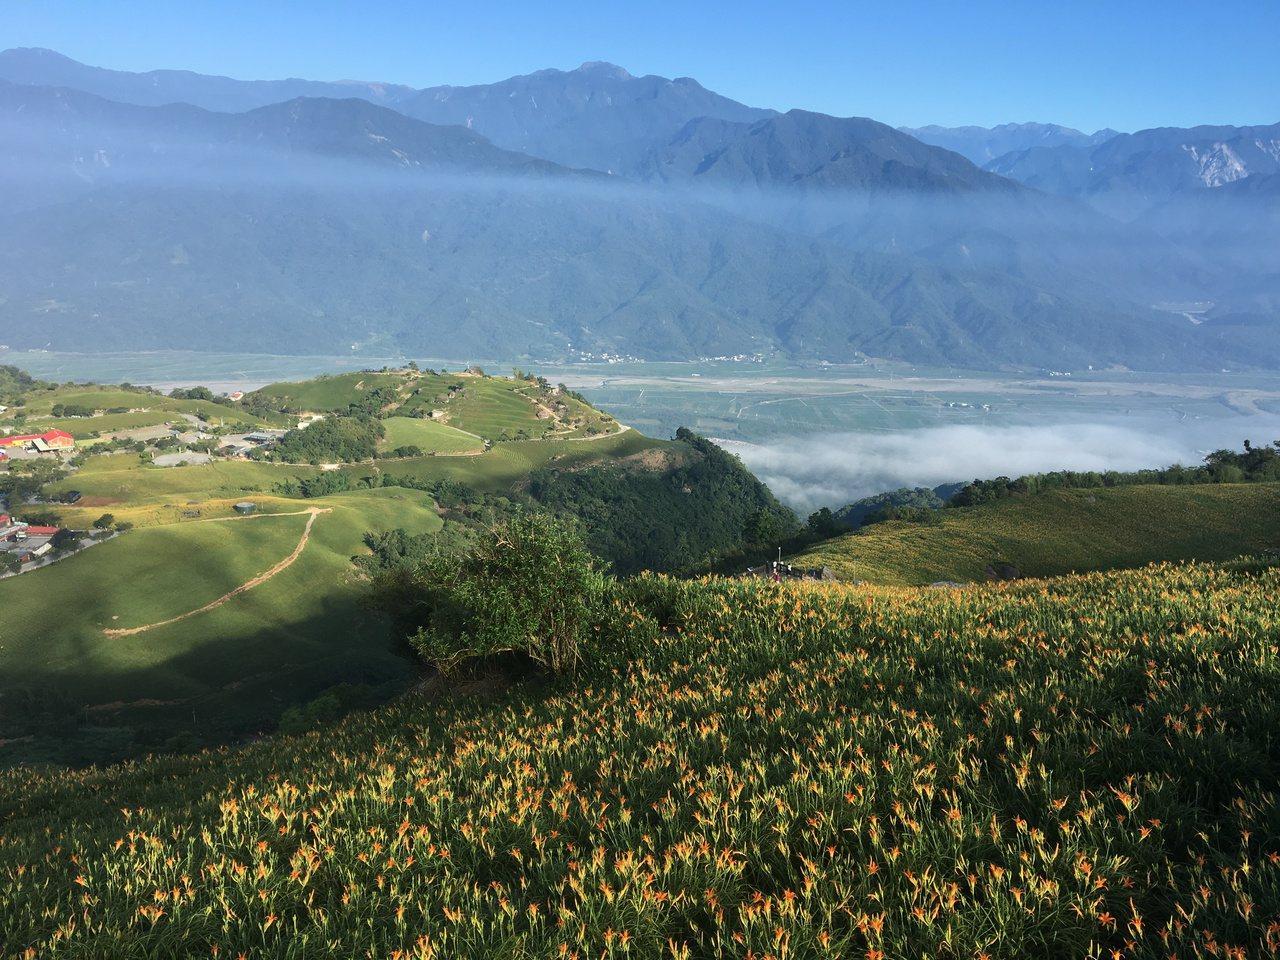 滿山的金黃花海配上藍天白雲,讓遊客彷彿置身於國外。 記者徐庭揚/攝影